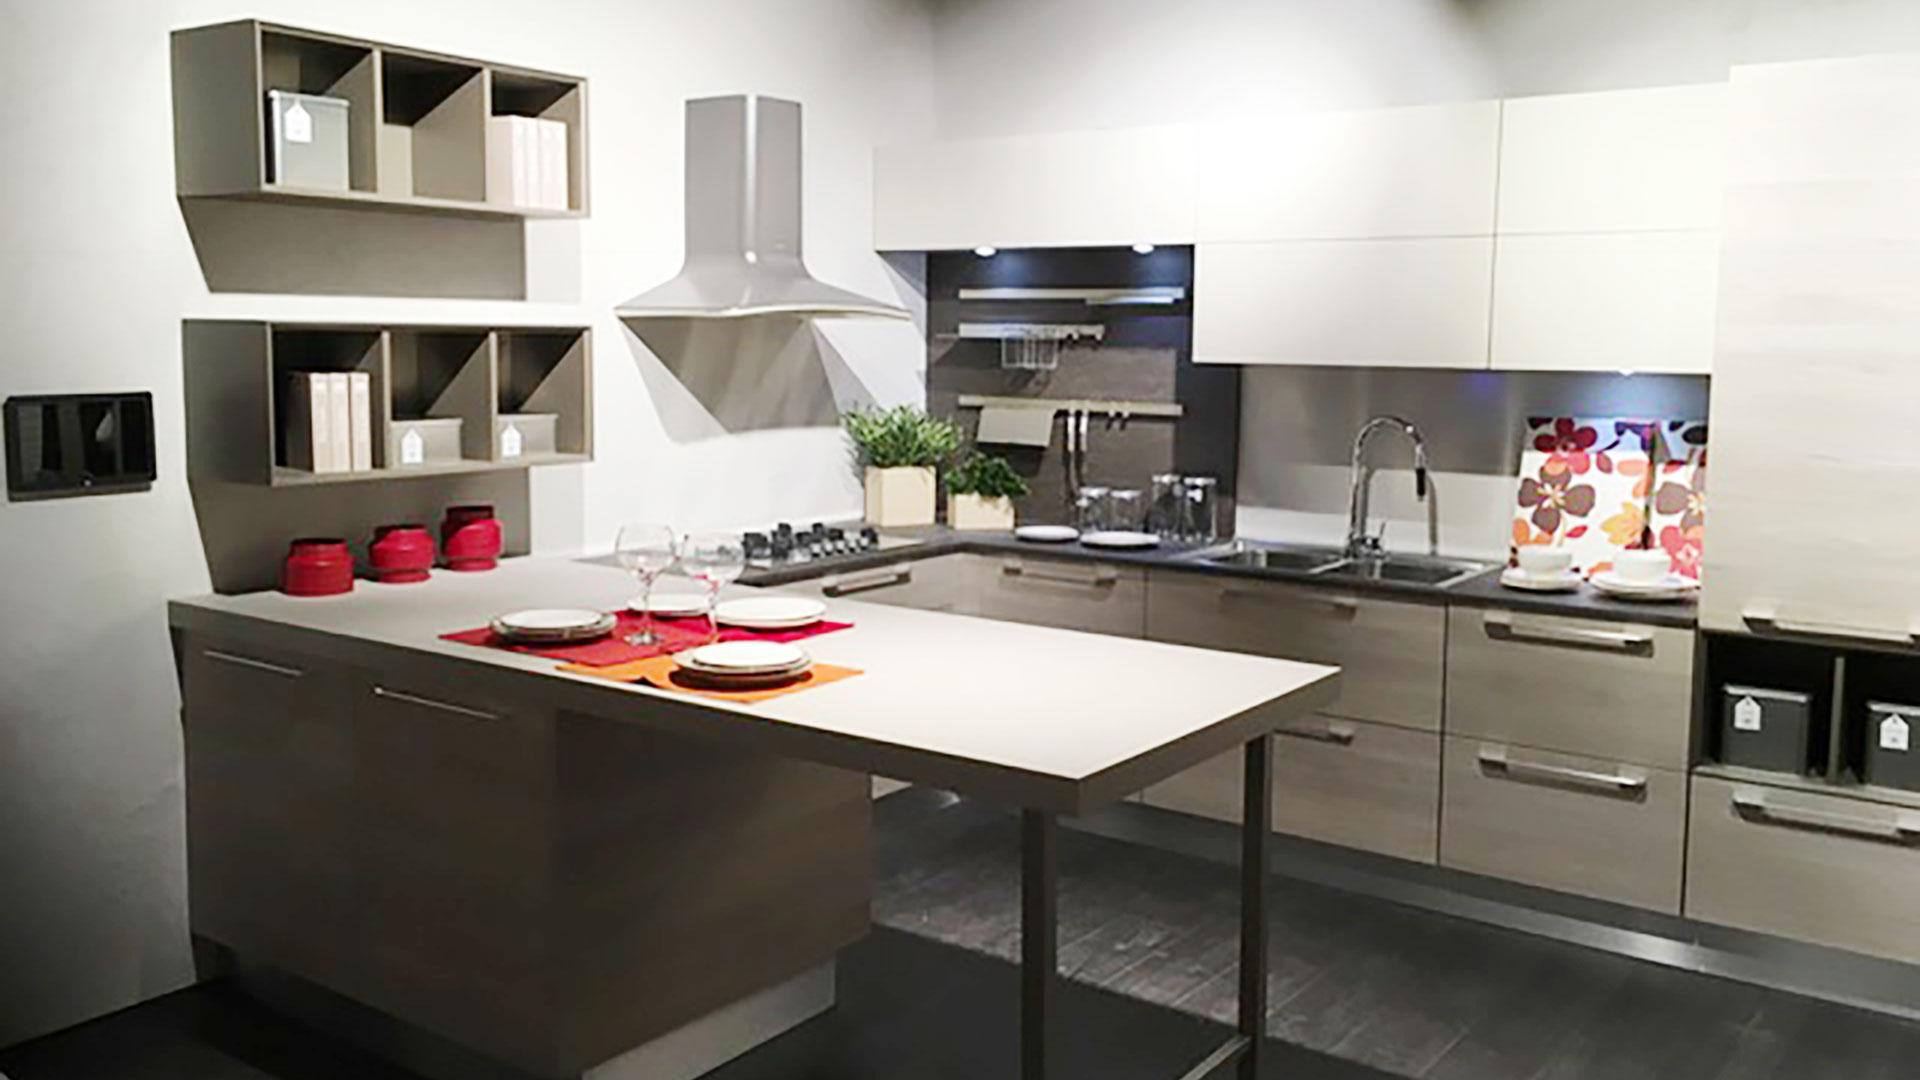 Gruppo Lube opens a new Kitchen Centre in the Veneto - CREO ...